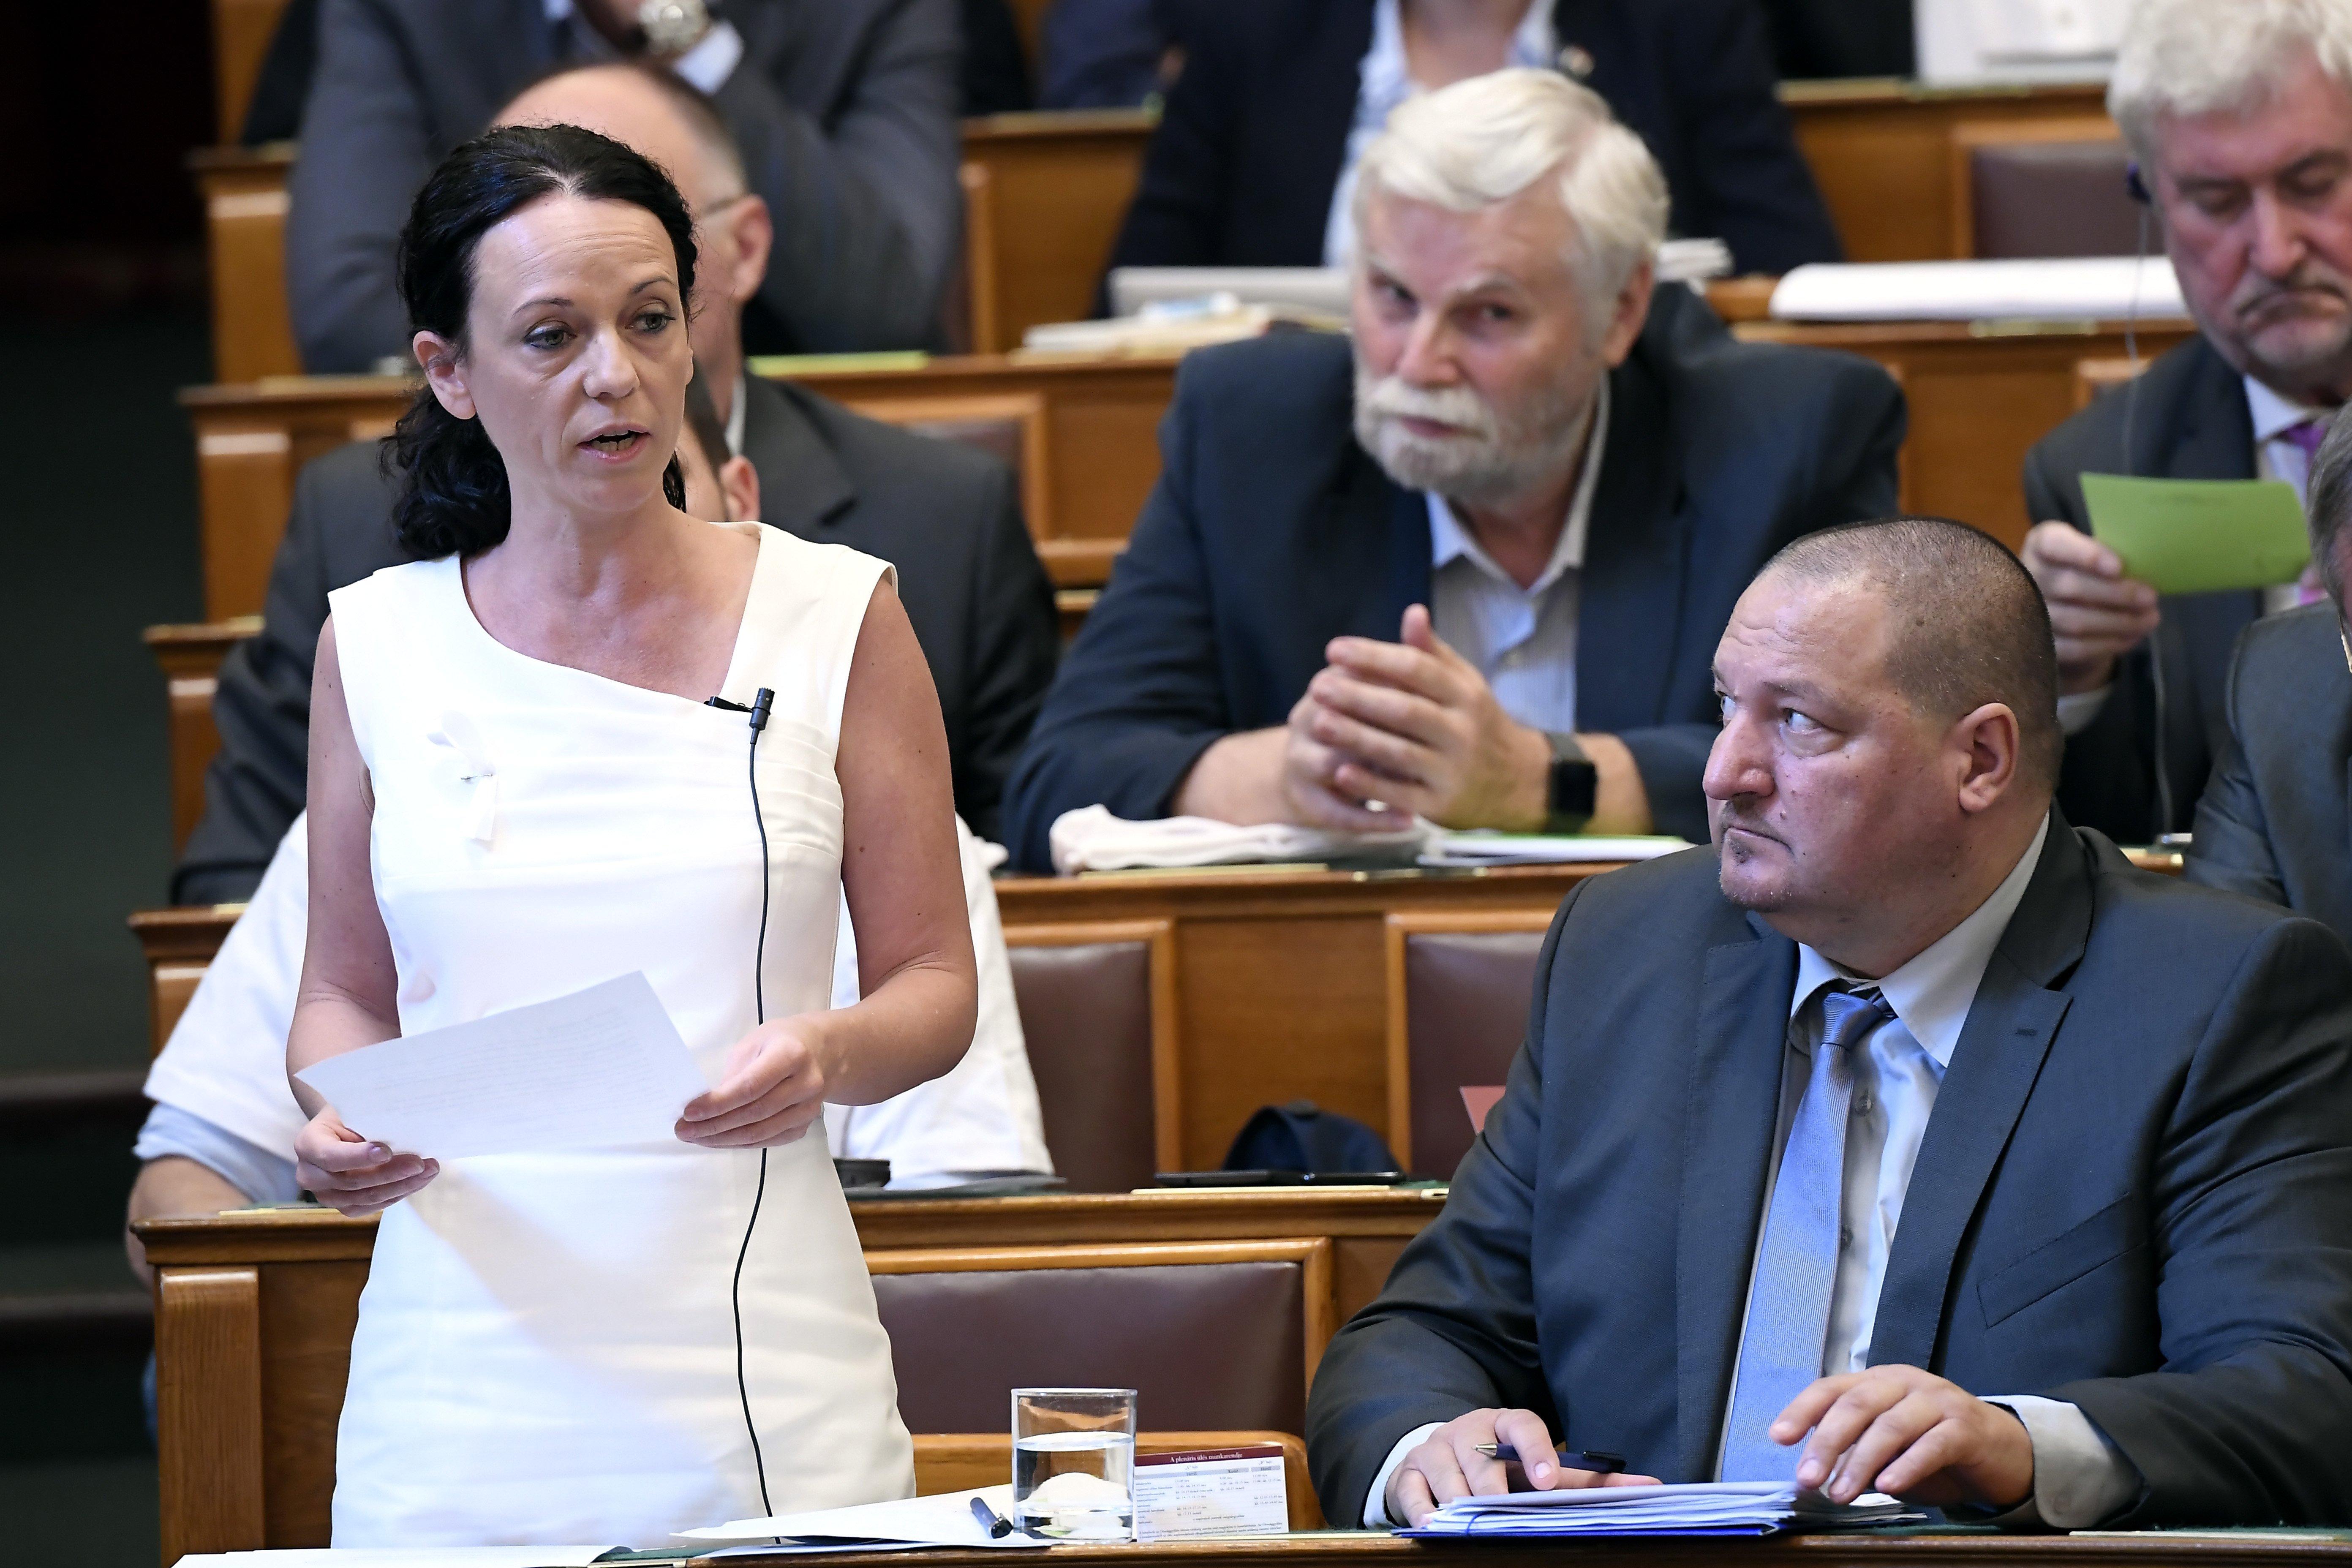 Németh Szilárd szerint az ellenzéki képviselőnők gátlástalanságban, agresszivitásban, hazudozásban, hataloméhségben simán felülmúlják férfi elvtársaikat